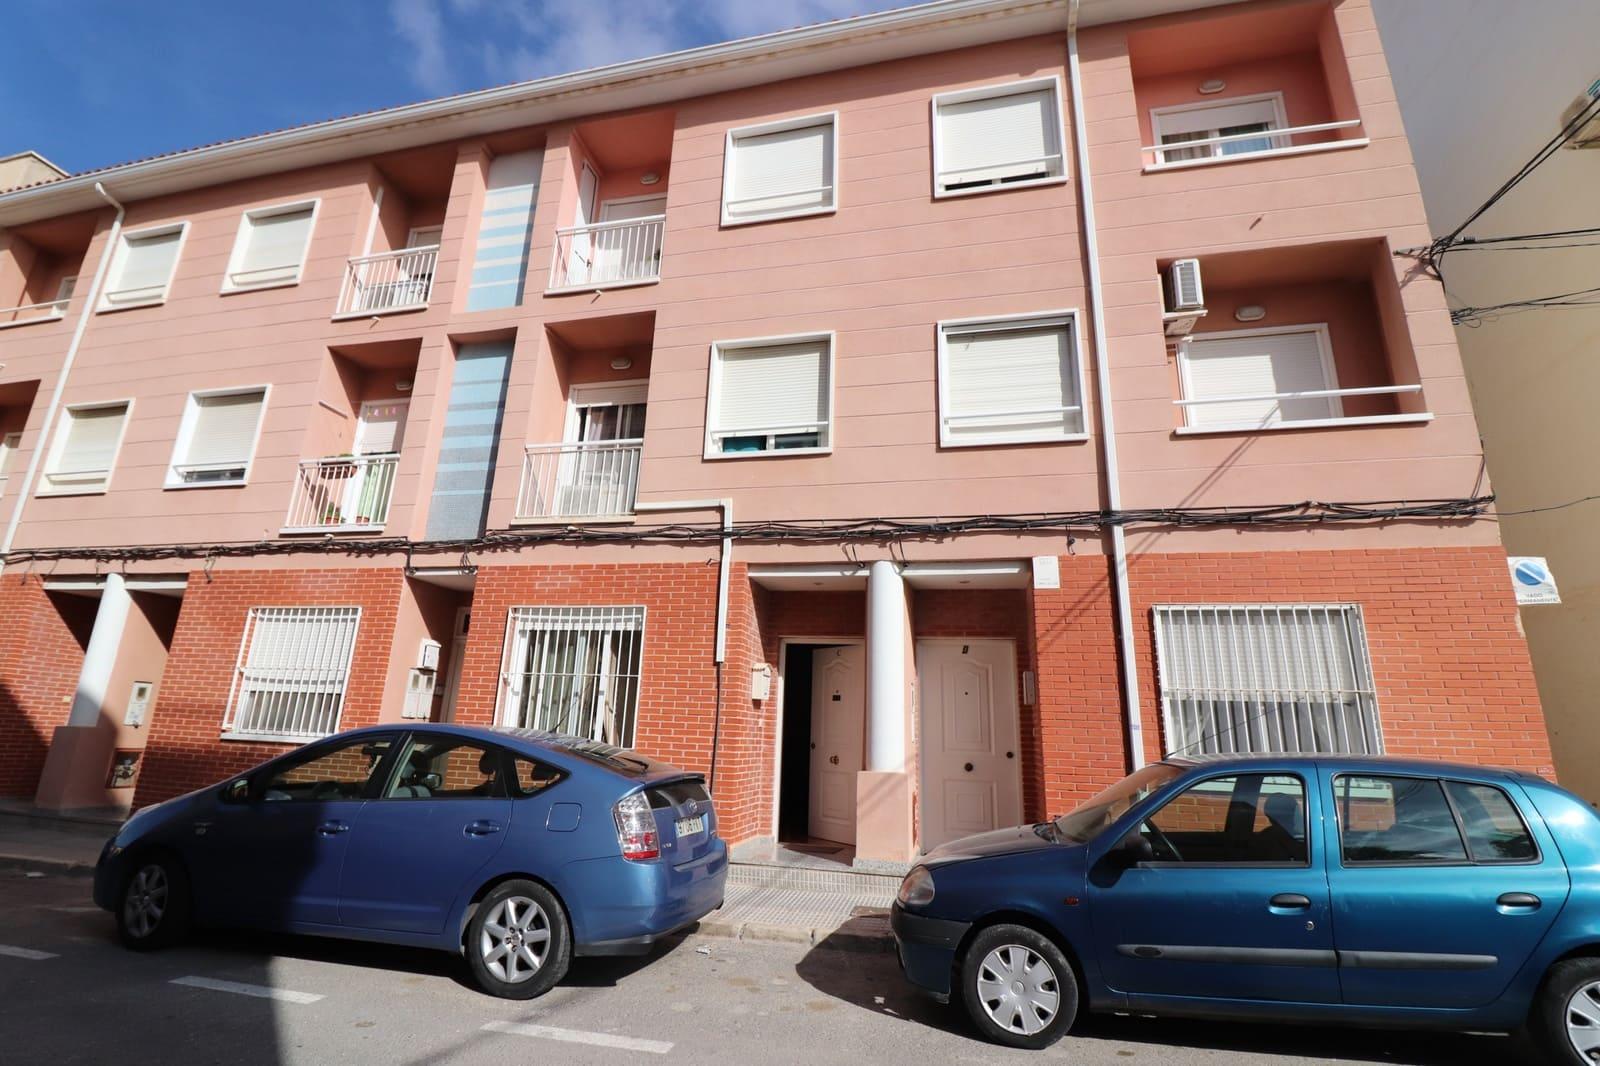 Casa de 3 habitaciones en Benijófar en venta con garaje - 89.950 € (Ref: 5005561)